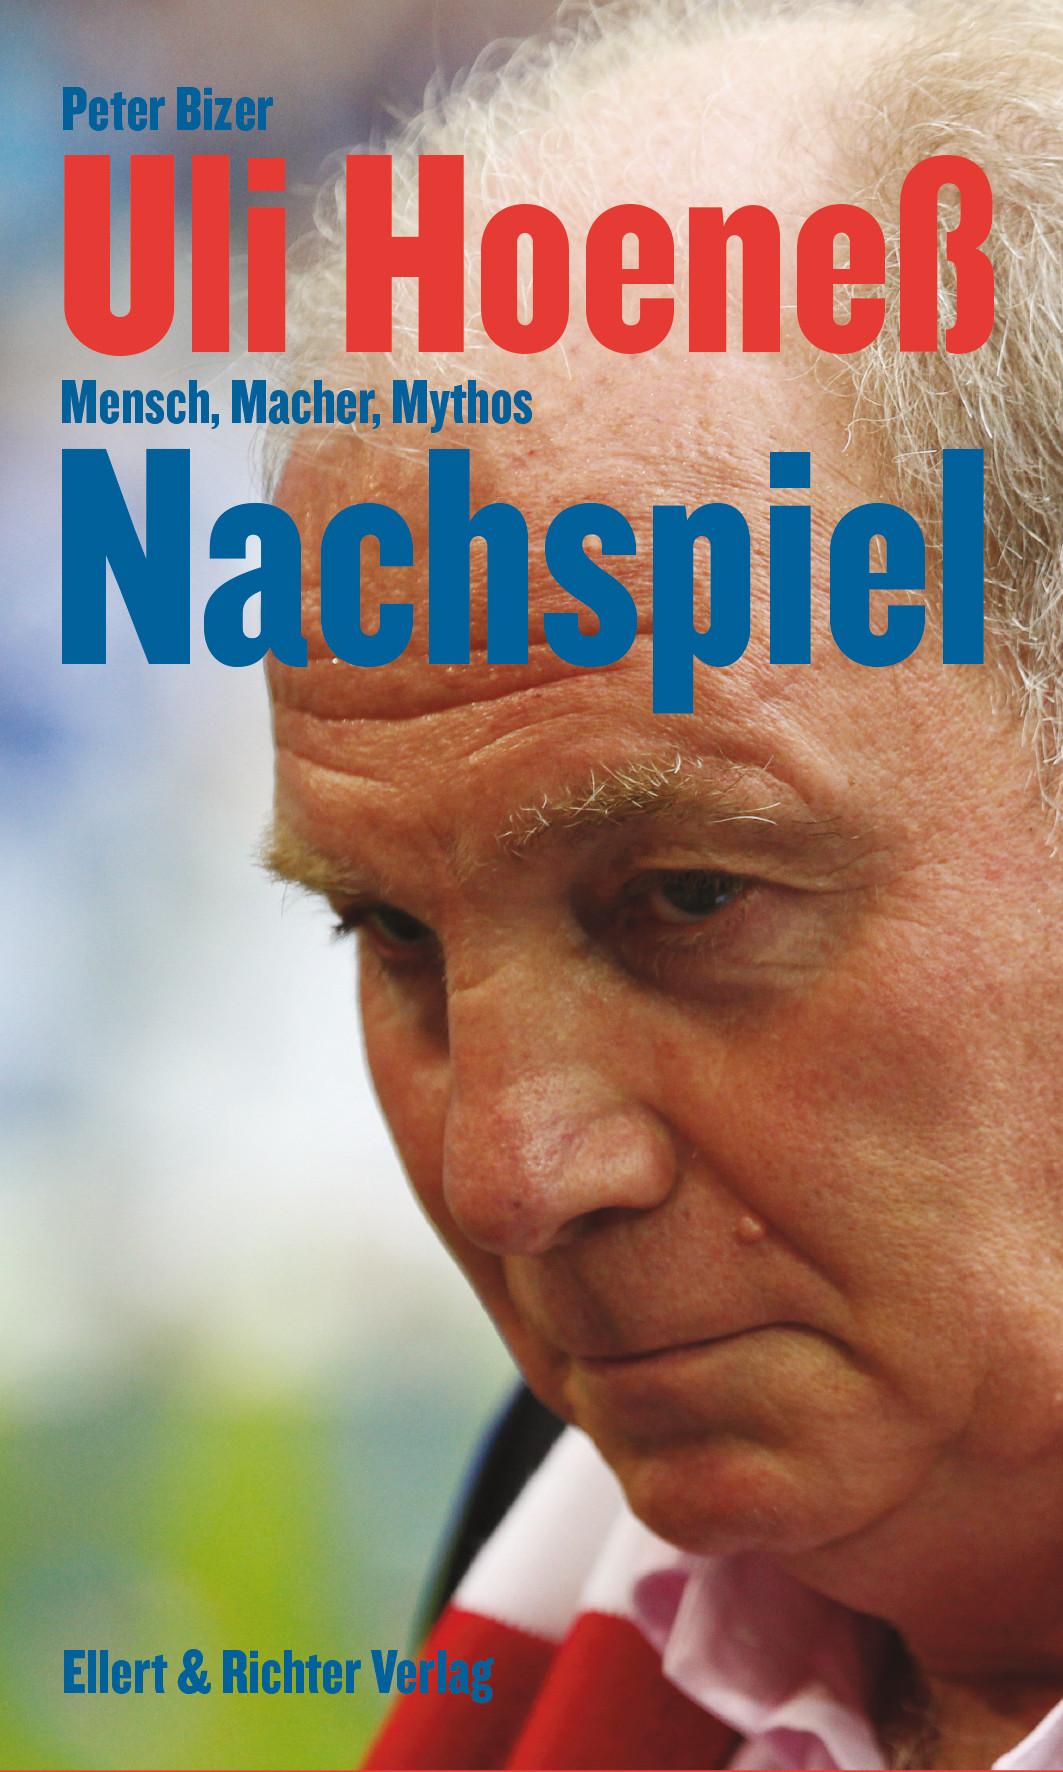 Uli Hoeneß: Nachspiel - Mensch, Macher, Mythos - Peter Bizer